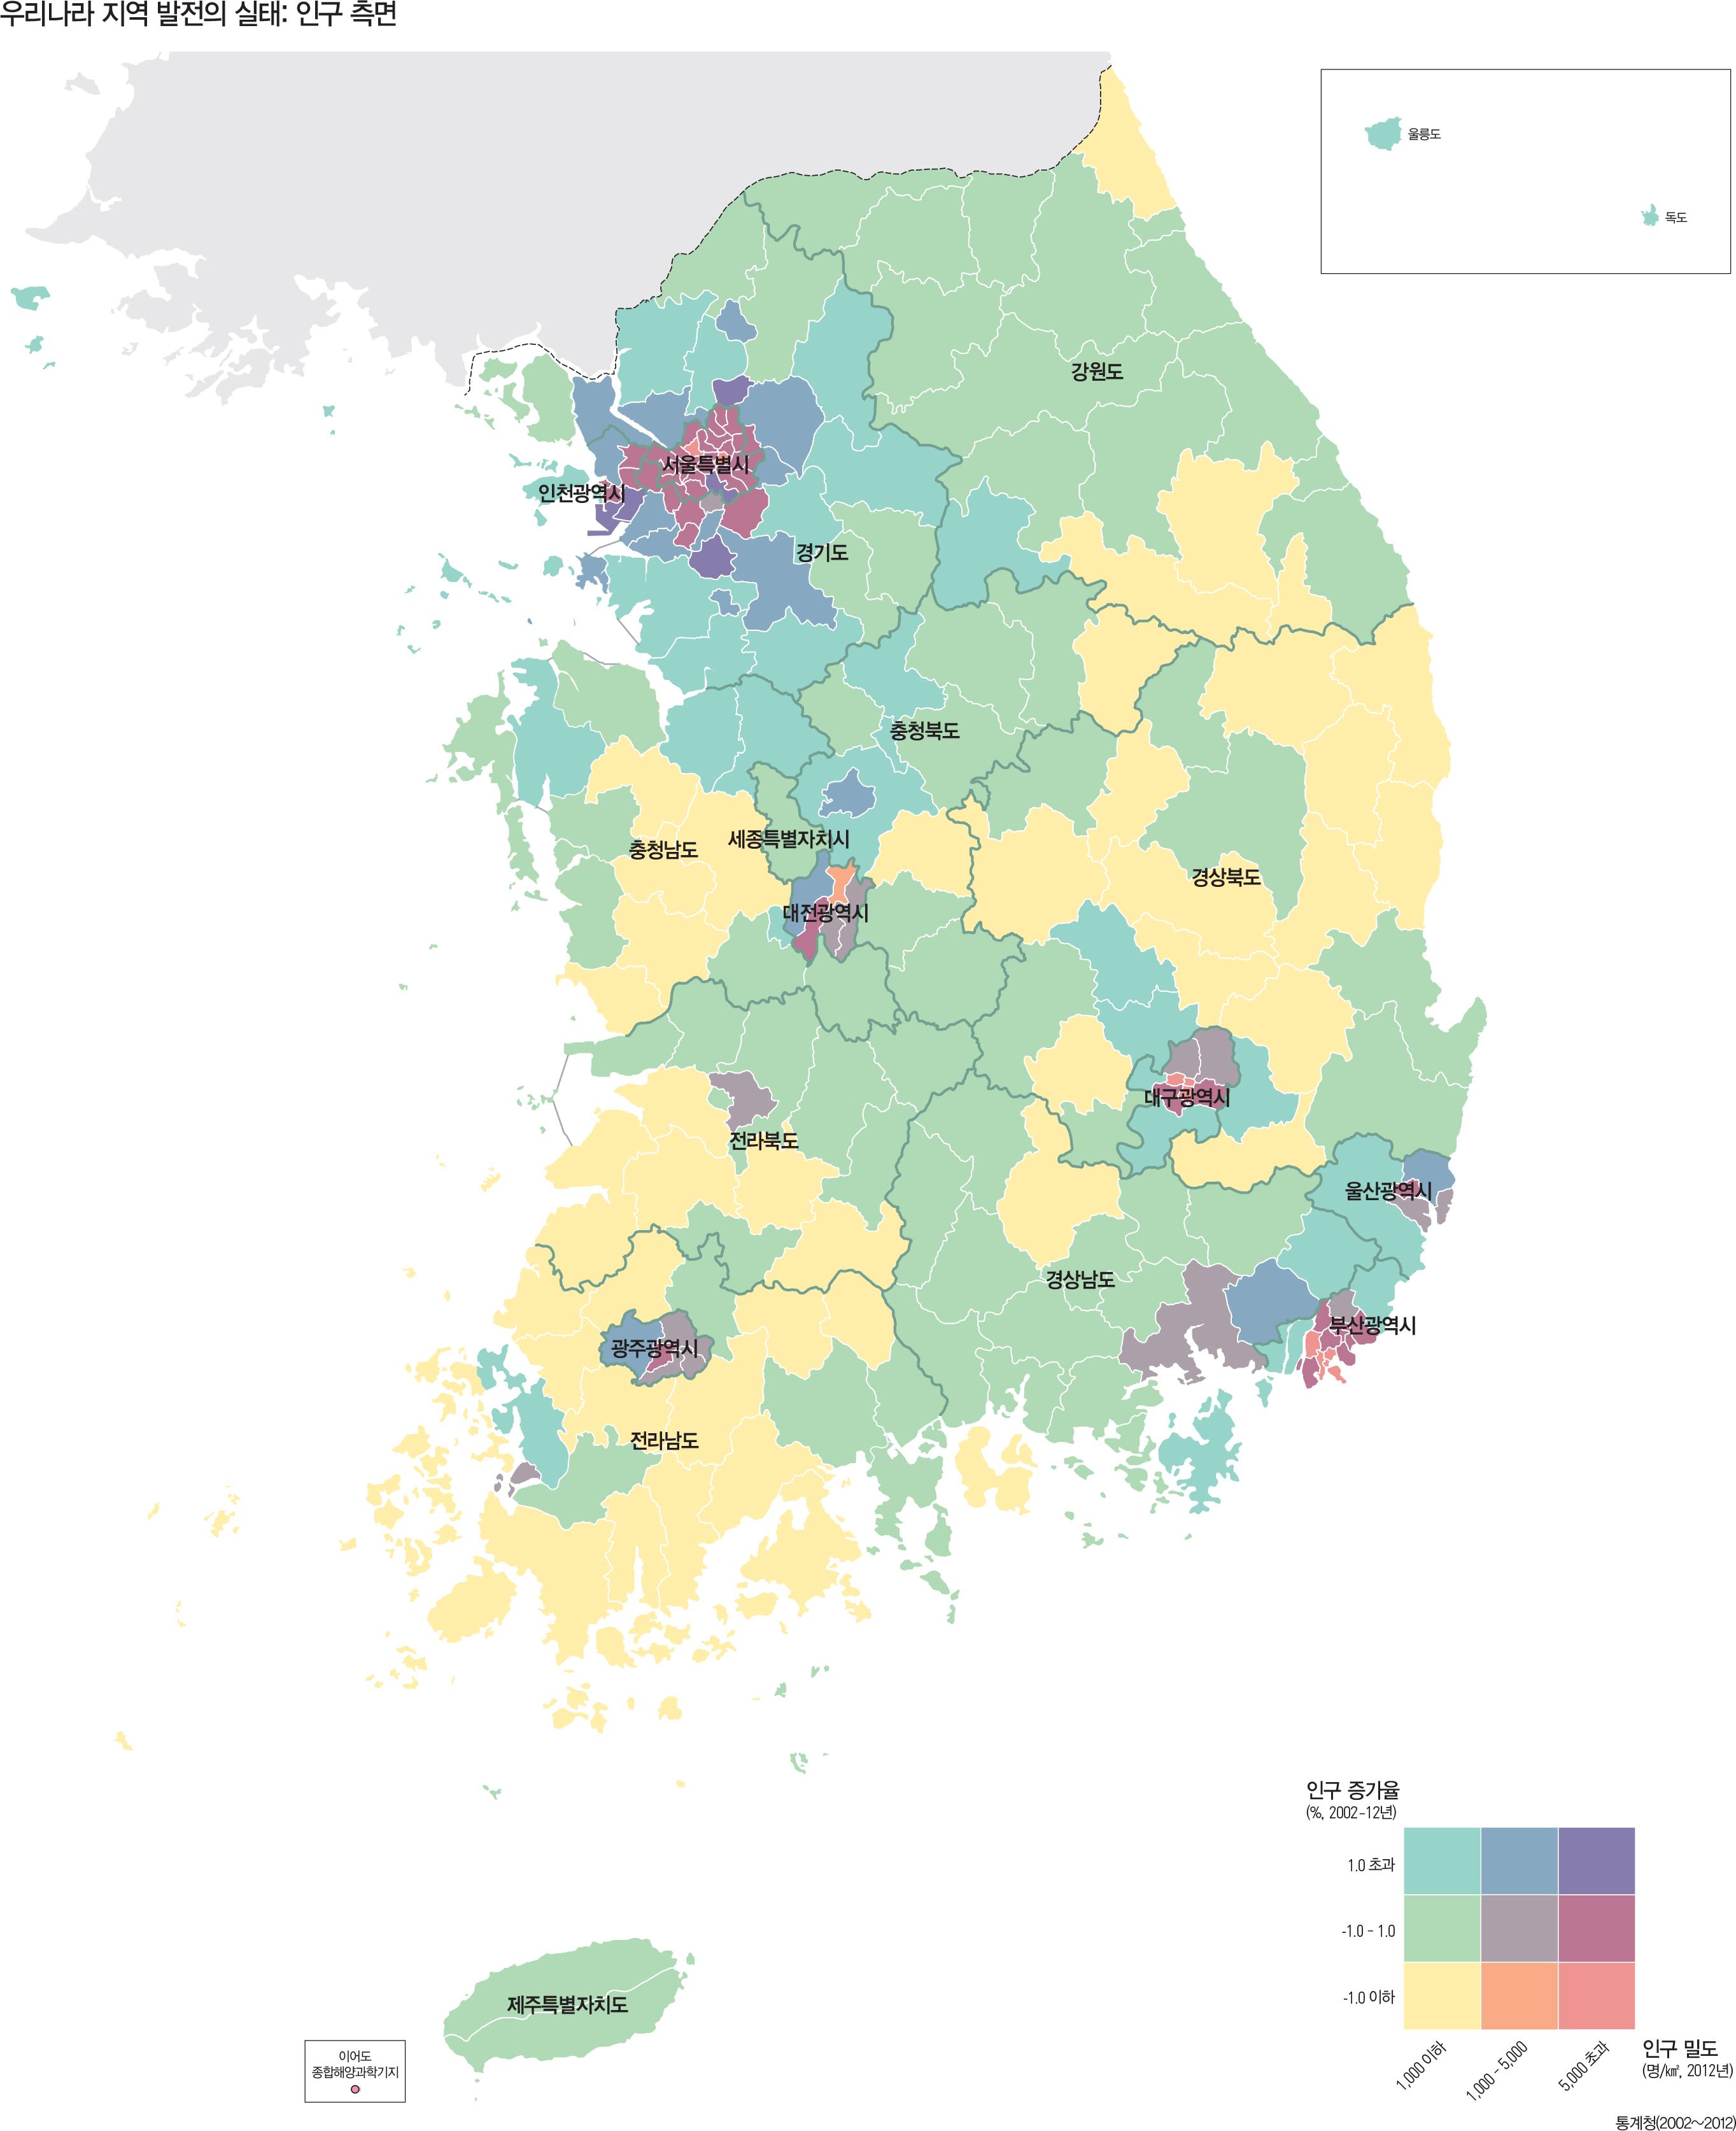 우리나라 지역 발전의 실태: 인구 측면